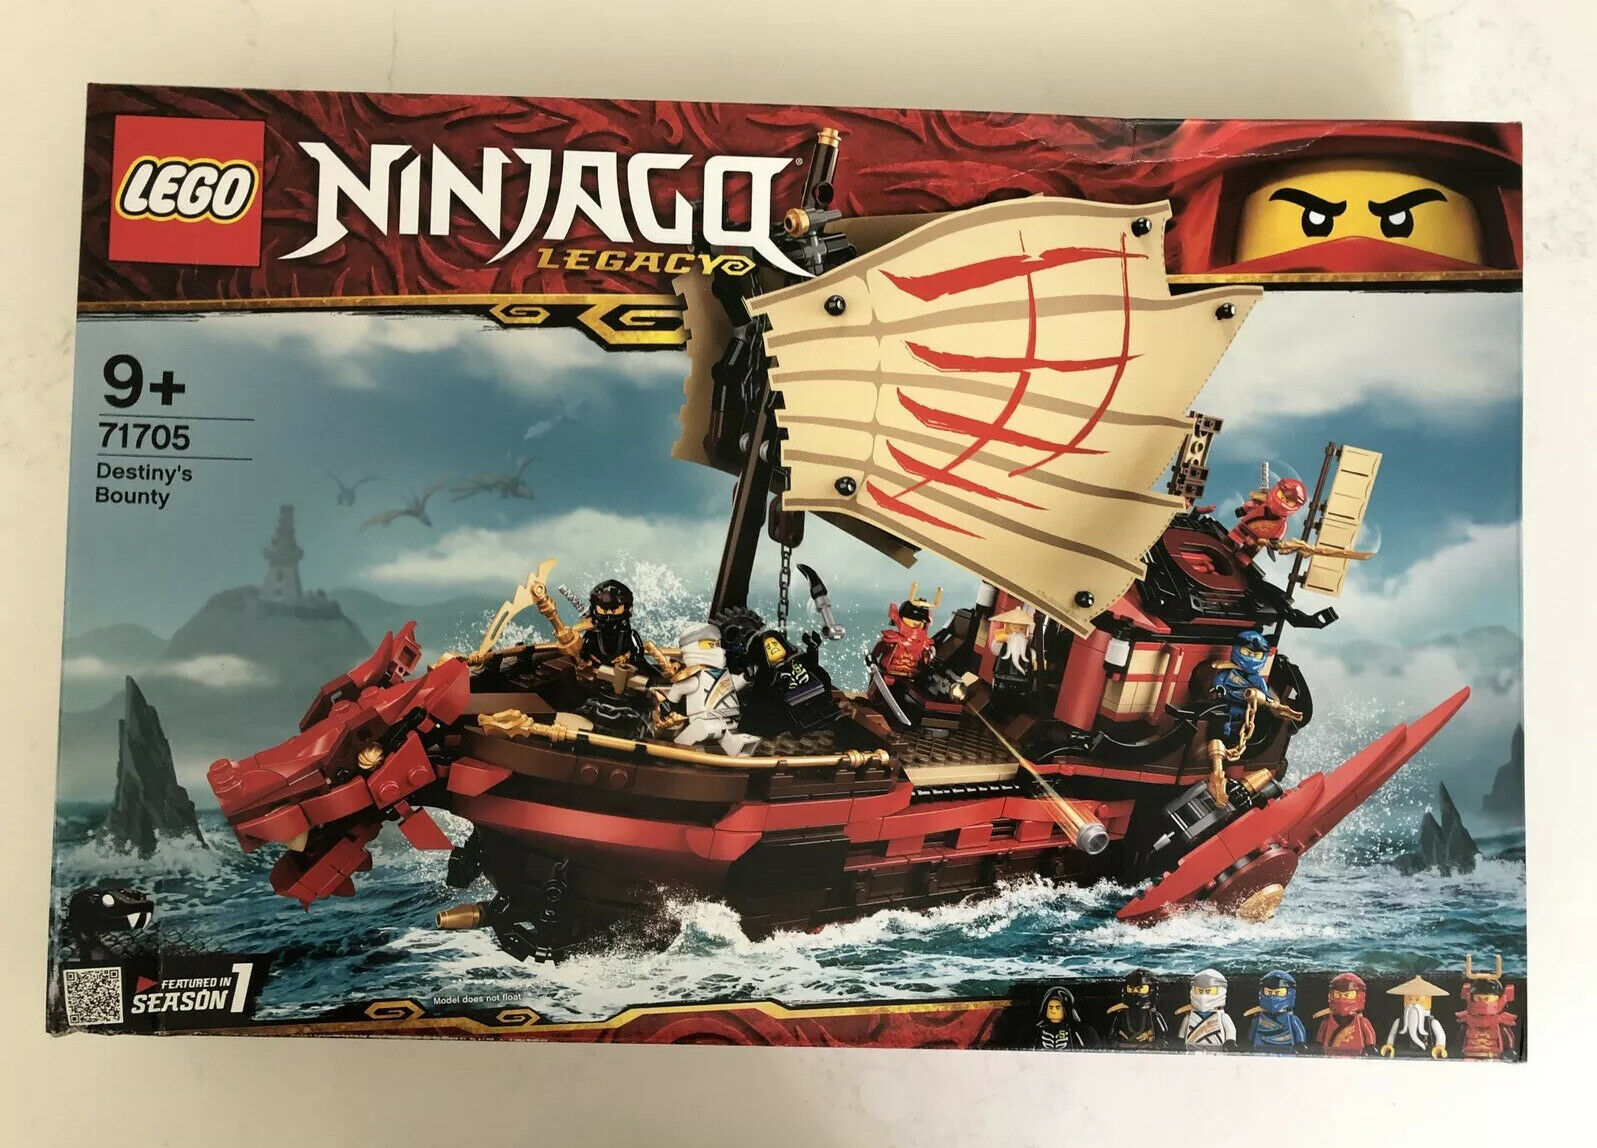 Building Kit 1781 Pcs LEGO Ninjago Destiny/'s Bounty 71705